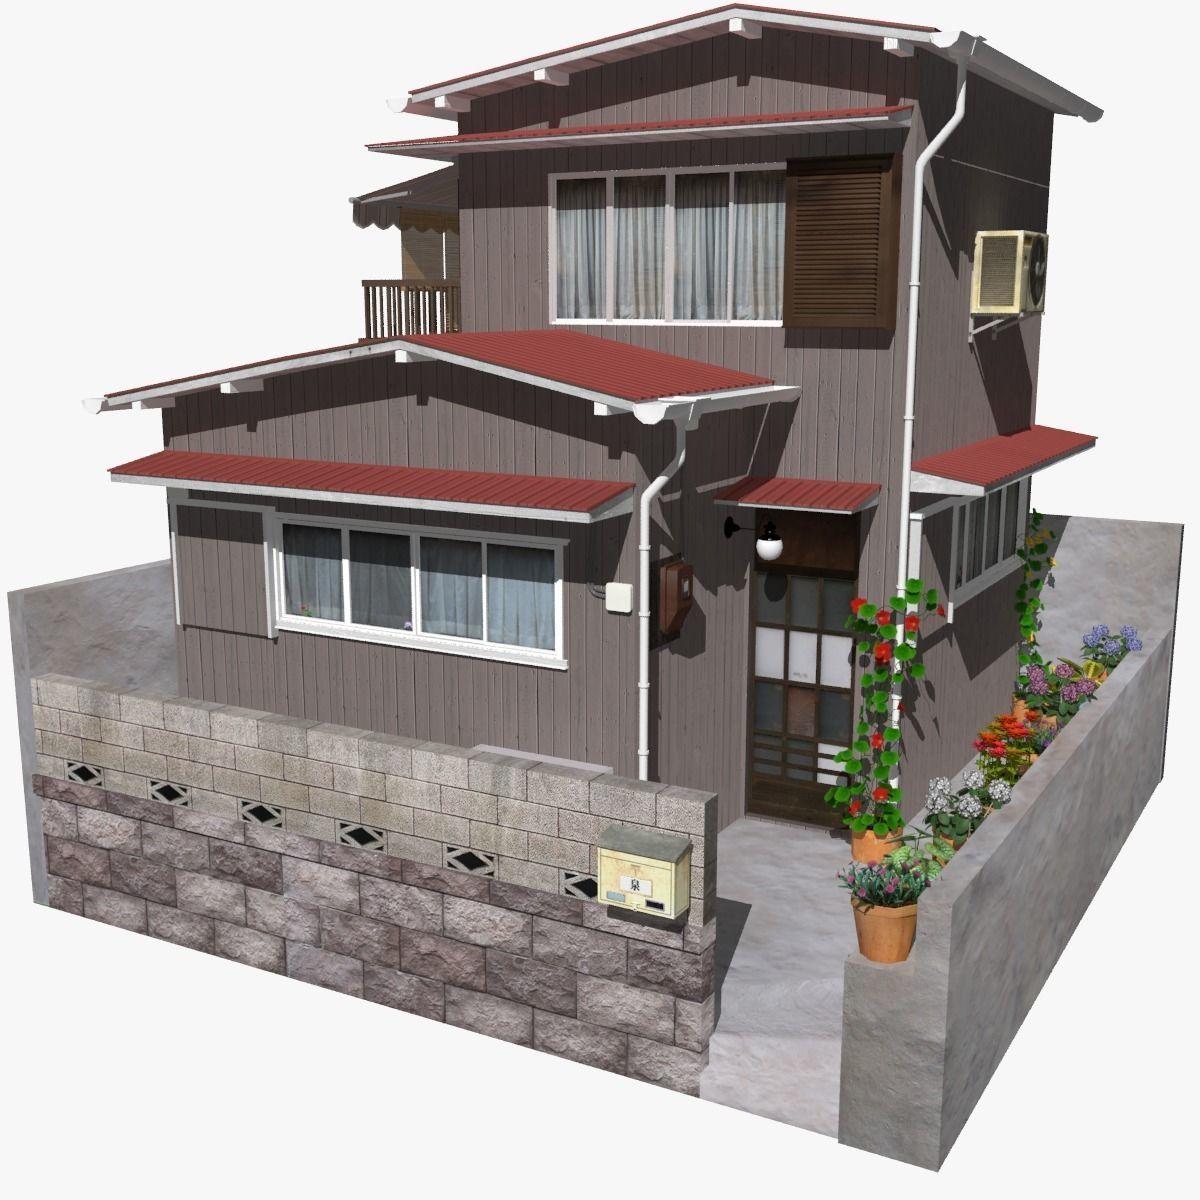 Sendagaya House